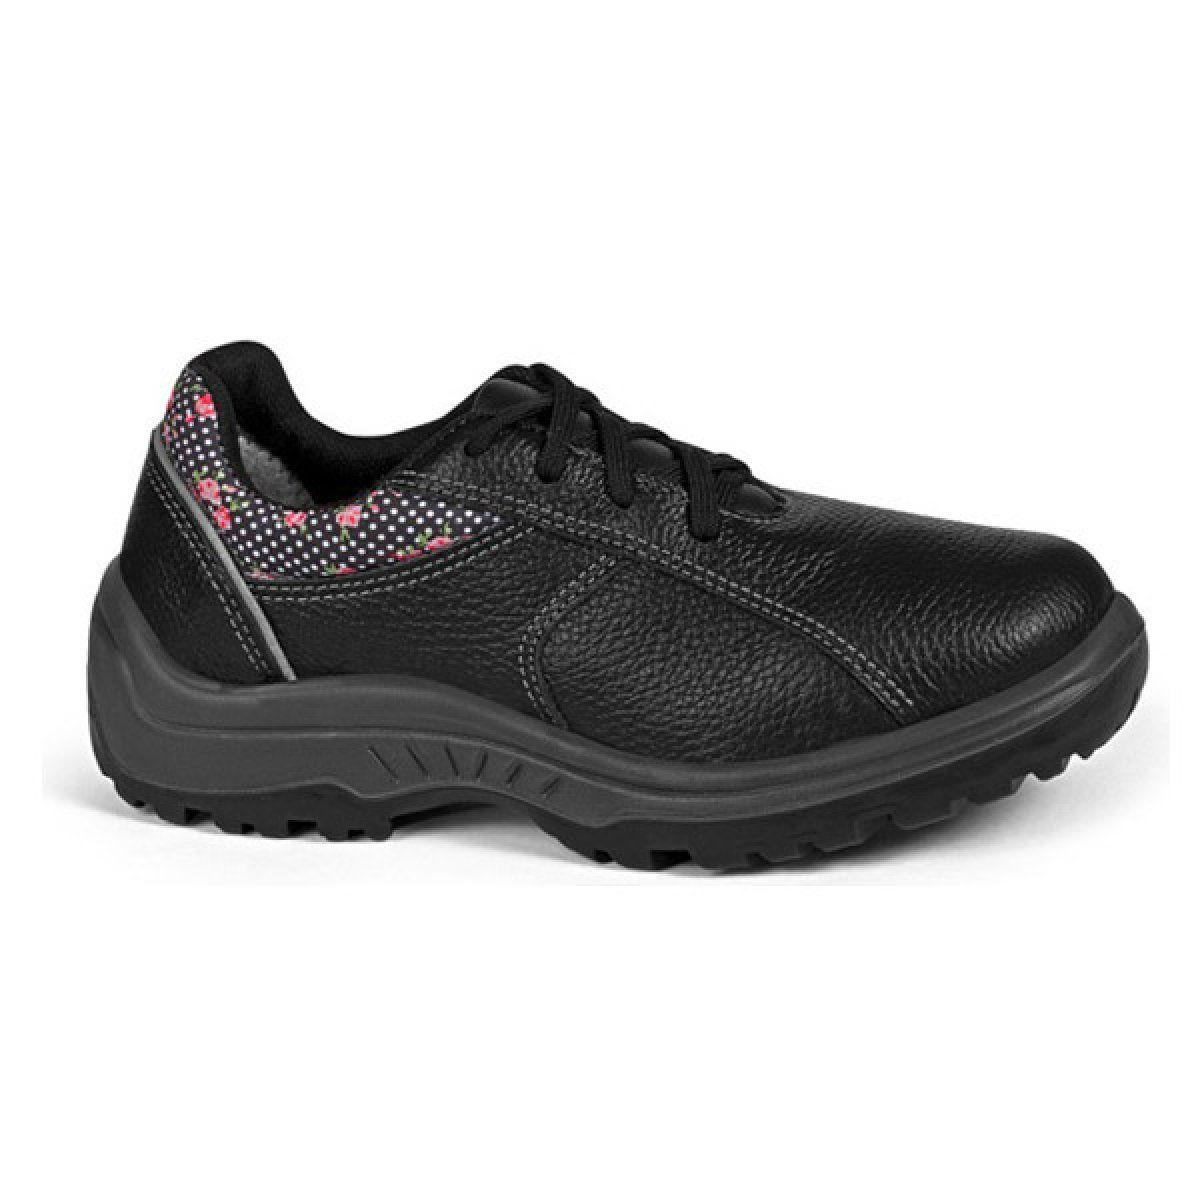 Sapato Feminino c/ Cadarço Bidensidade s/ Bico de Aço Preto N°38 - BRACOL